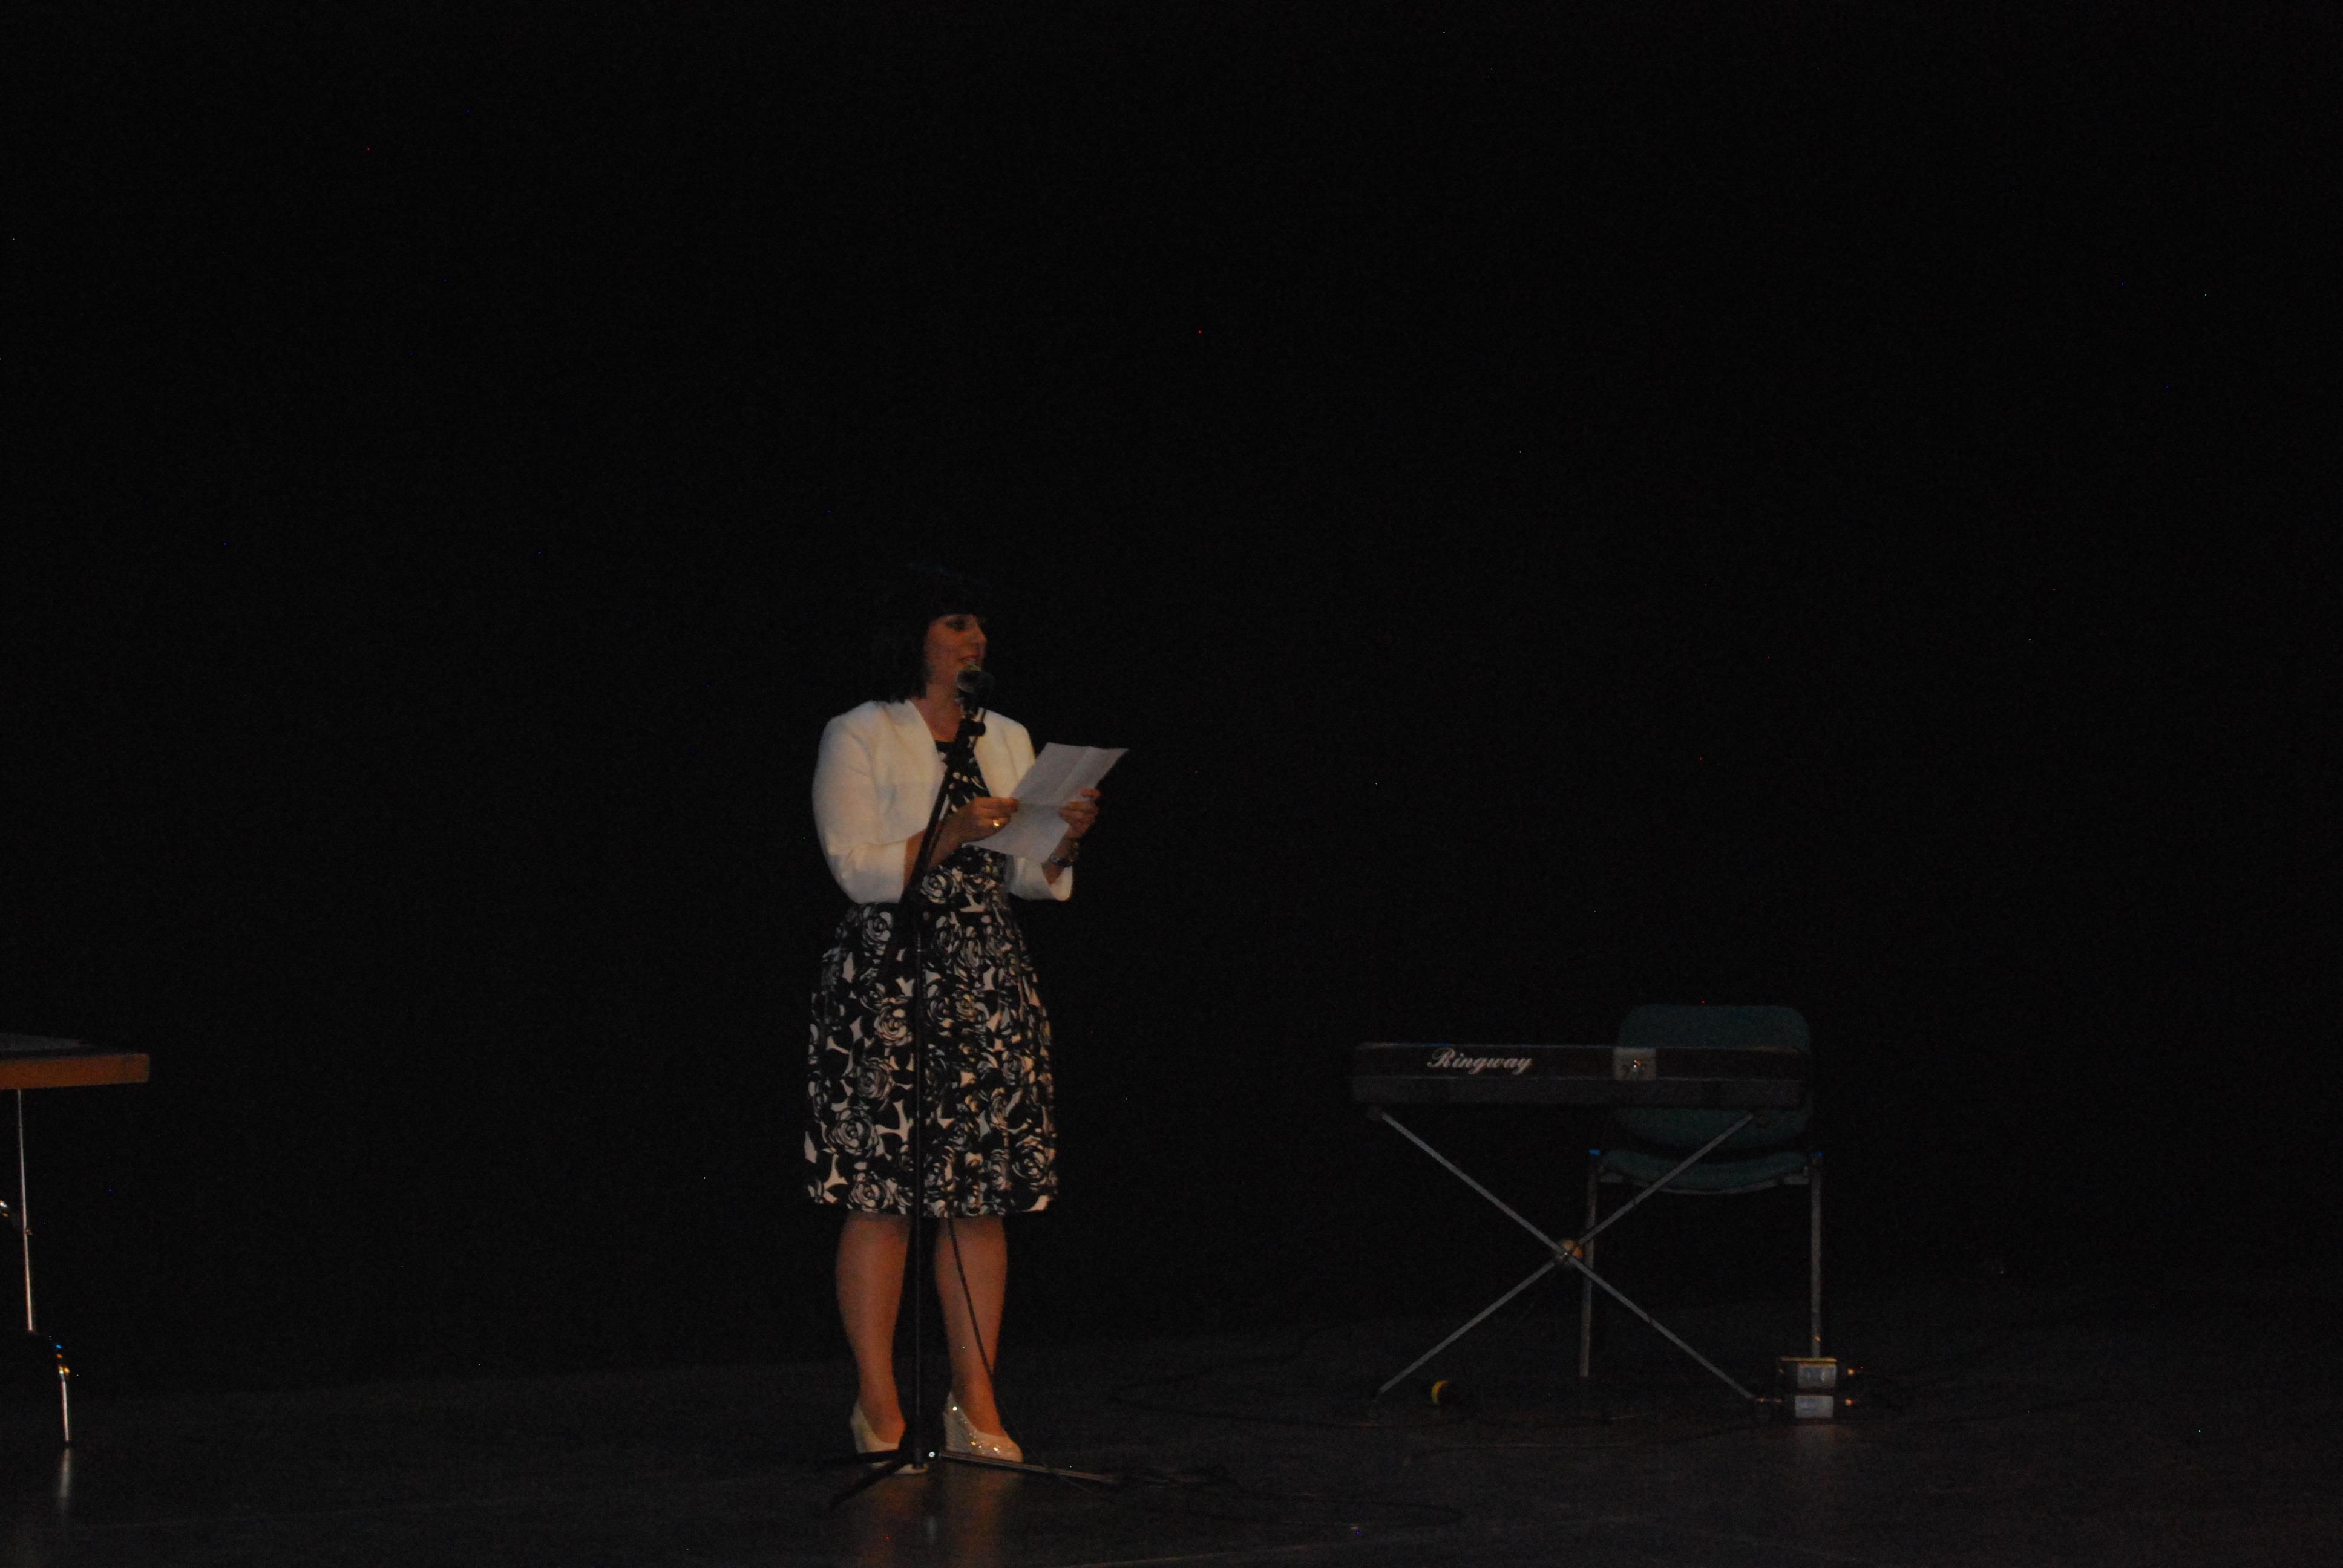 Graduación - 2º Bachillerato - Curso 2017/18 - Álbum # 5 8